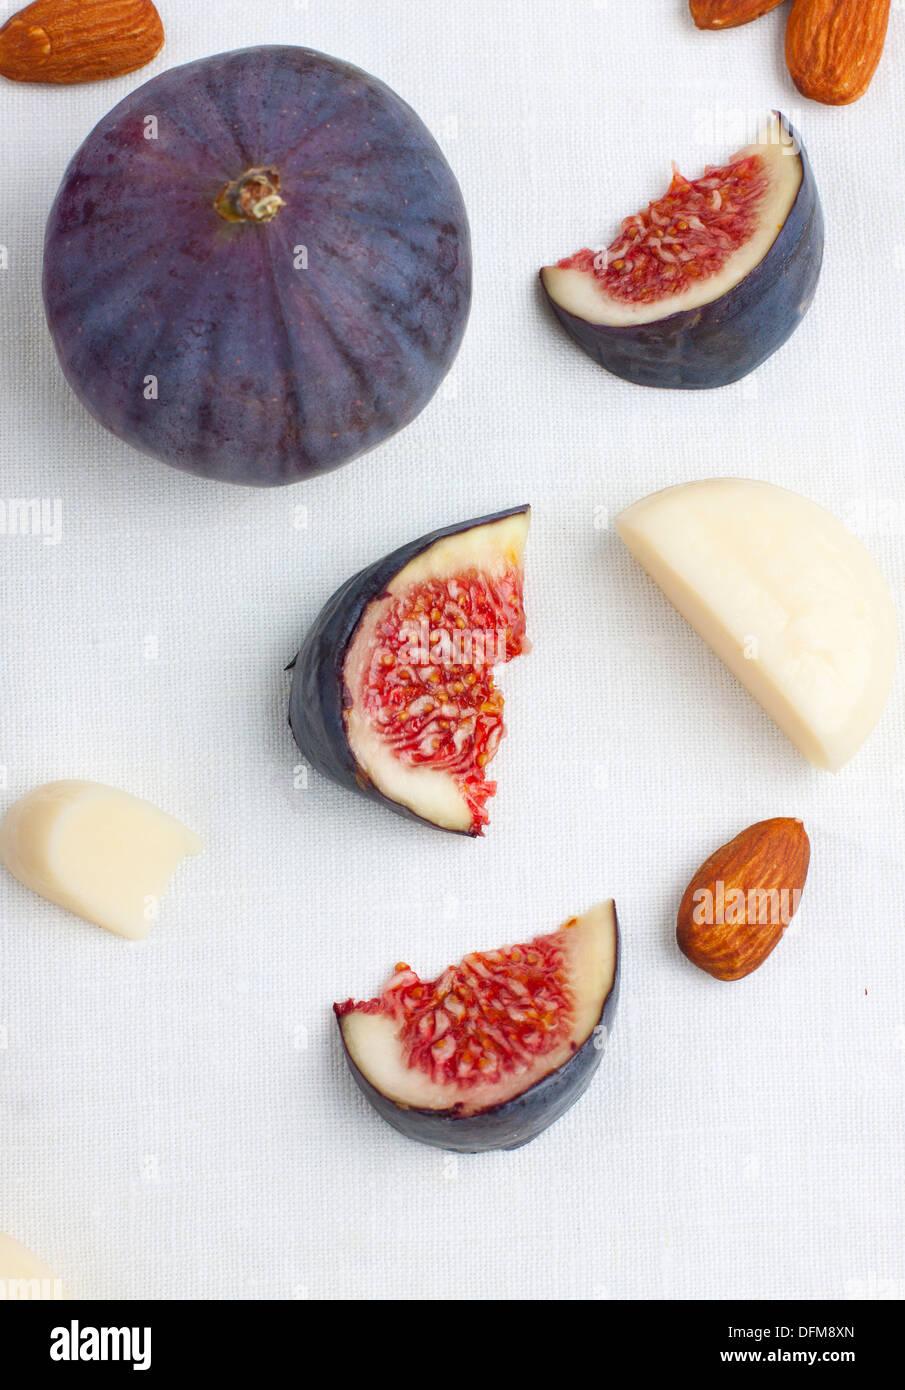 Figues fraîches coupées avec des tranches de fromage et quelques écrous Photo Stock